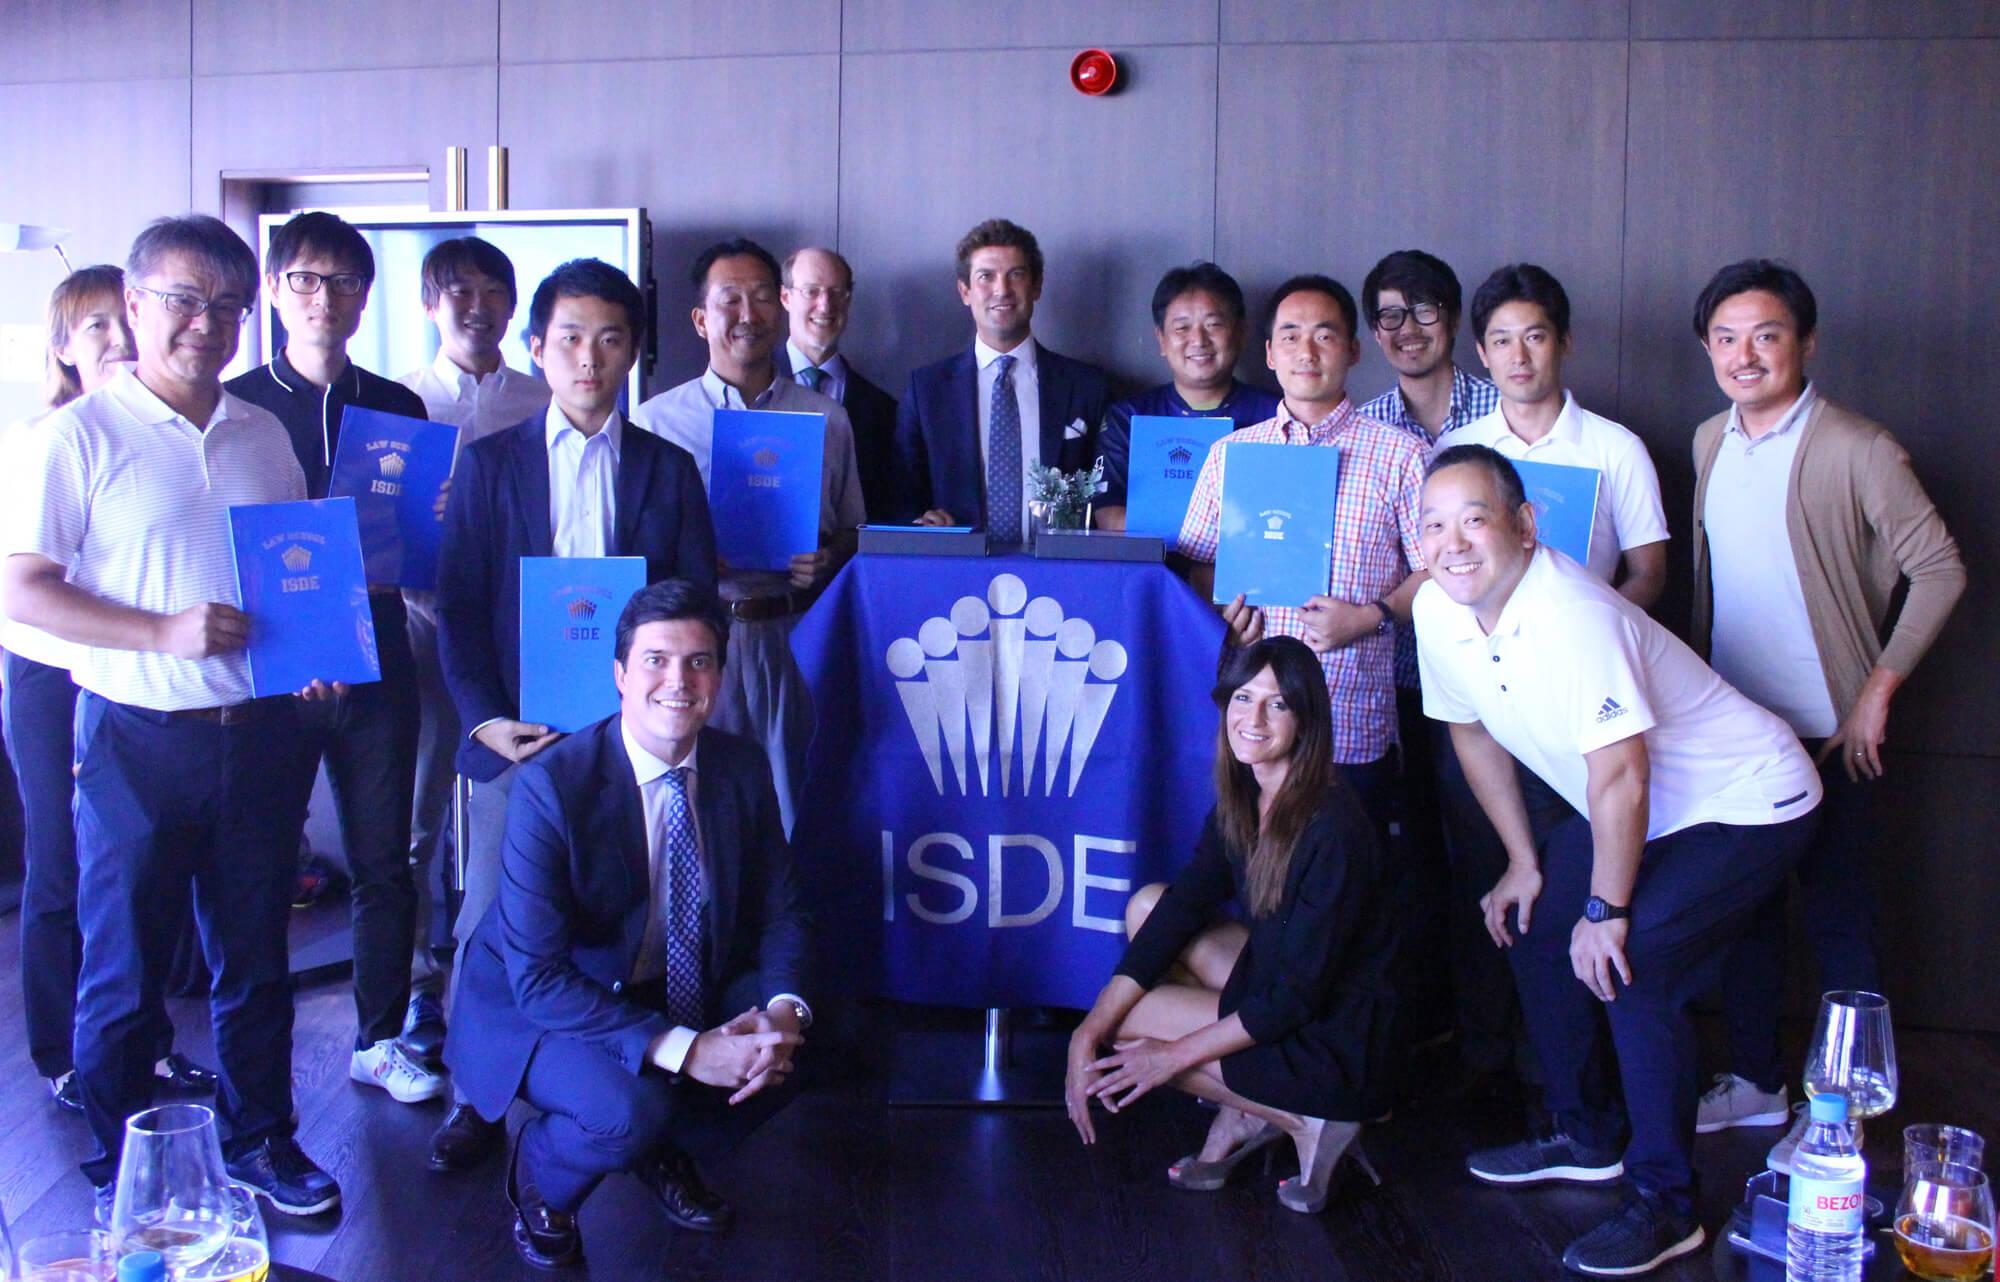 foto de grupo ceremonia graduacion jleague camara comercio madrid